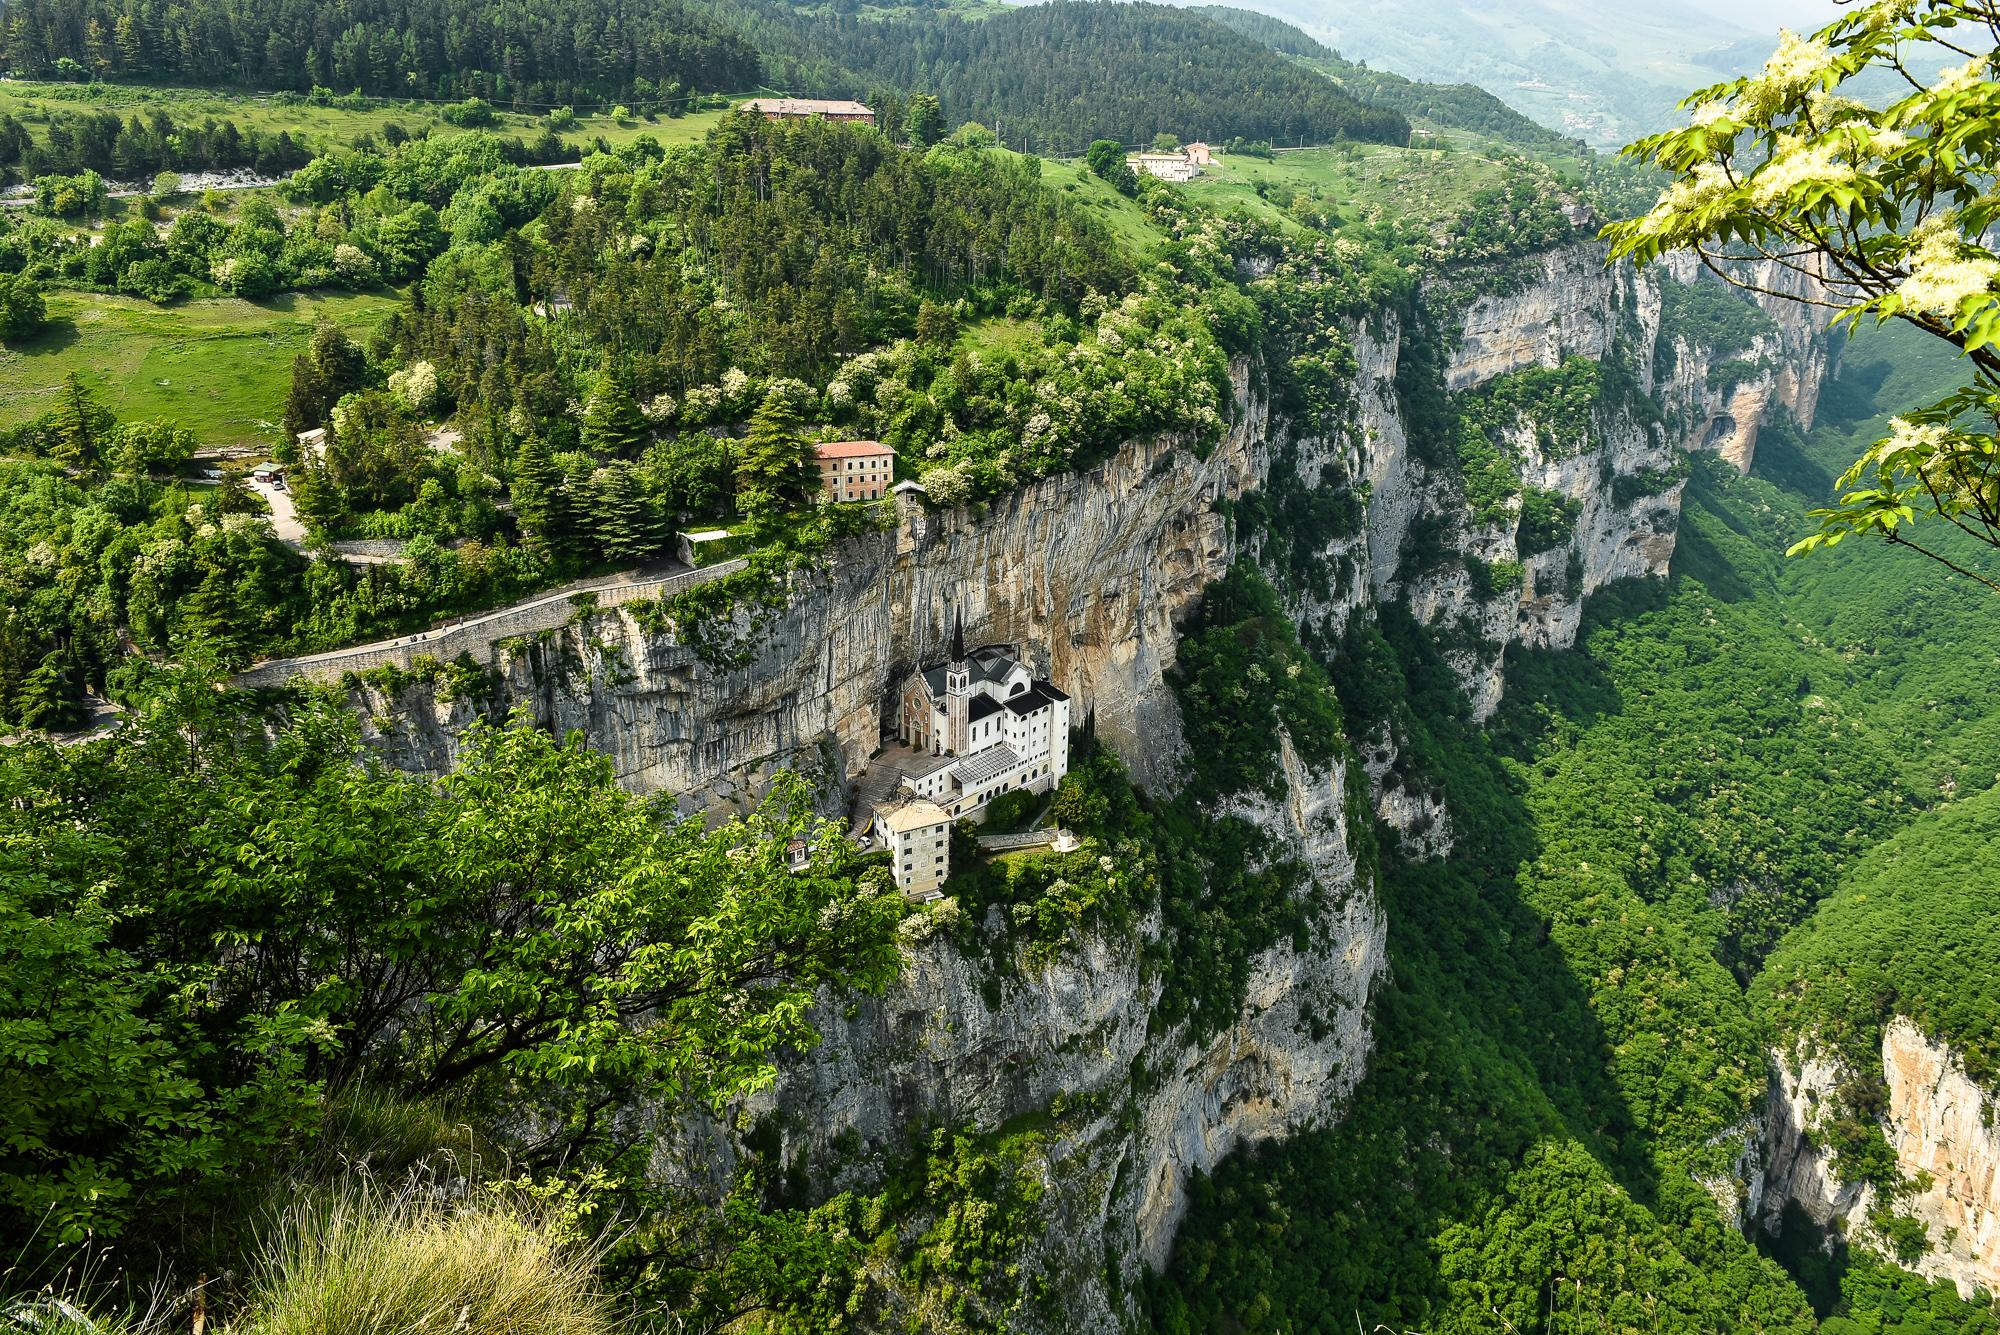 Церковь в скале - удивительное зрелище